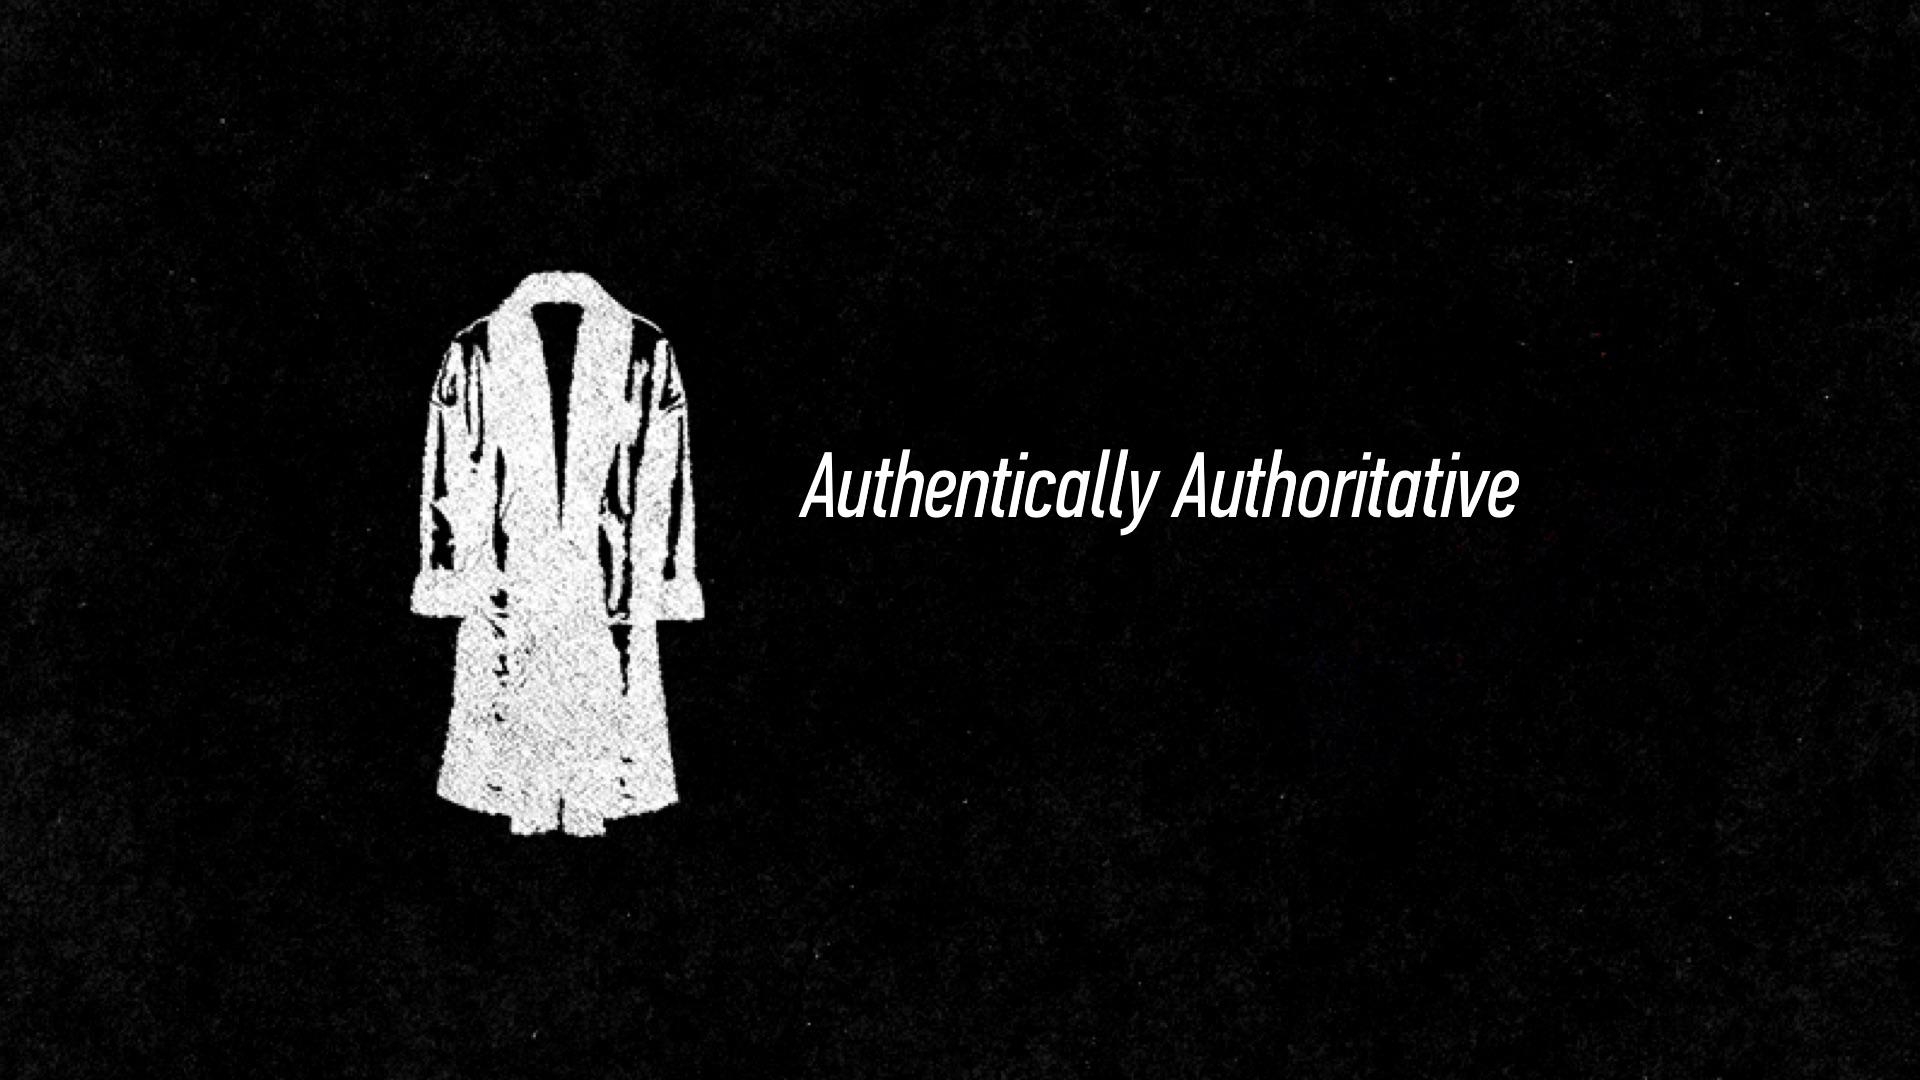 20160515 Authentically Authoritative.jpg